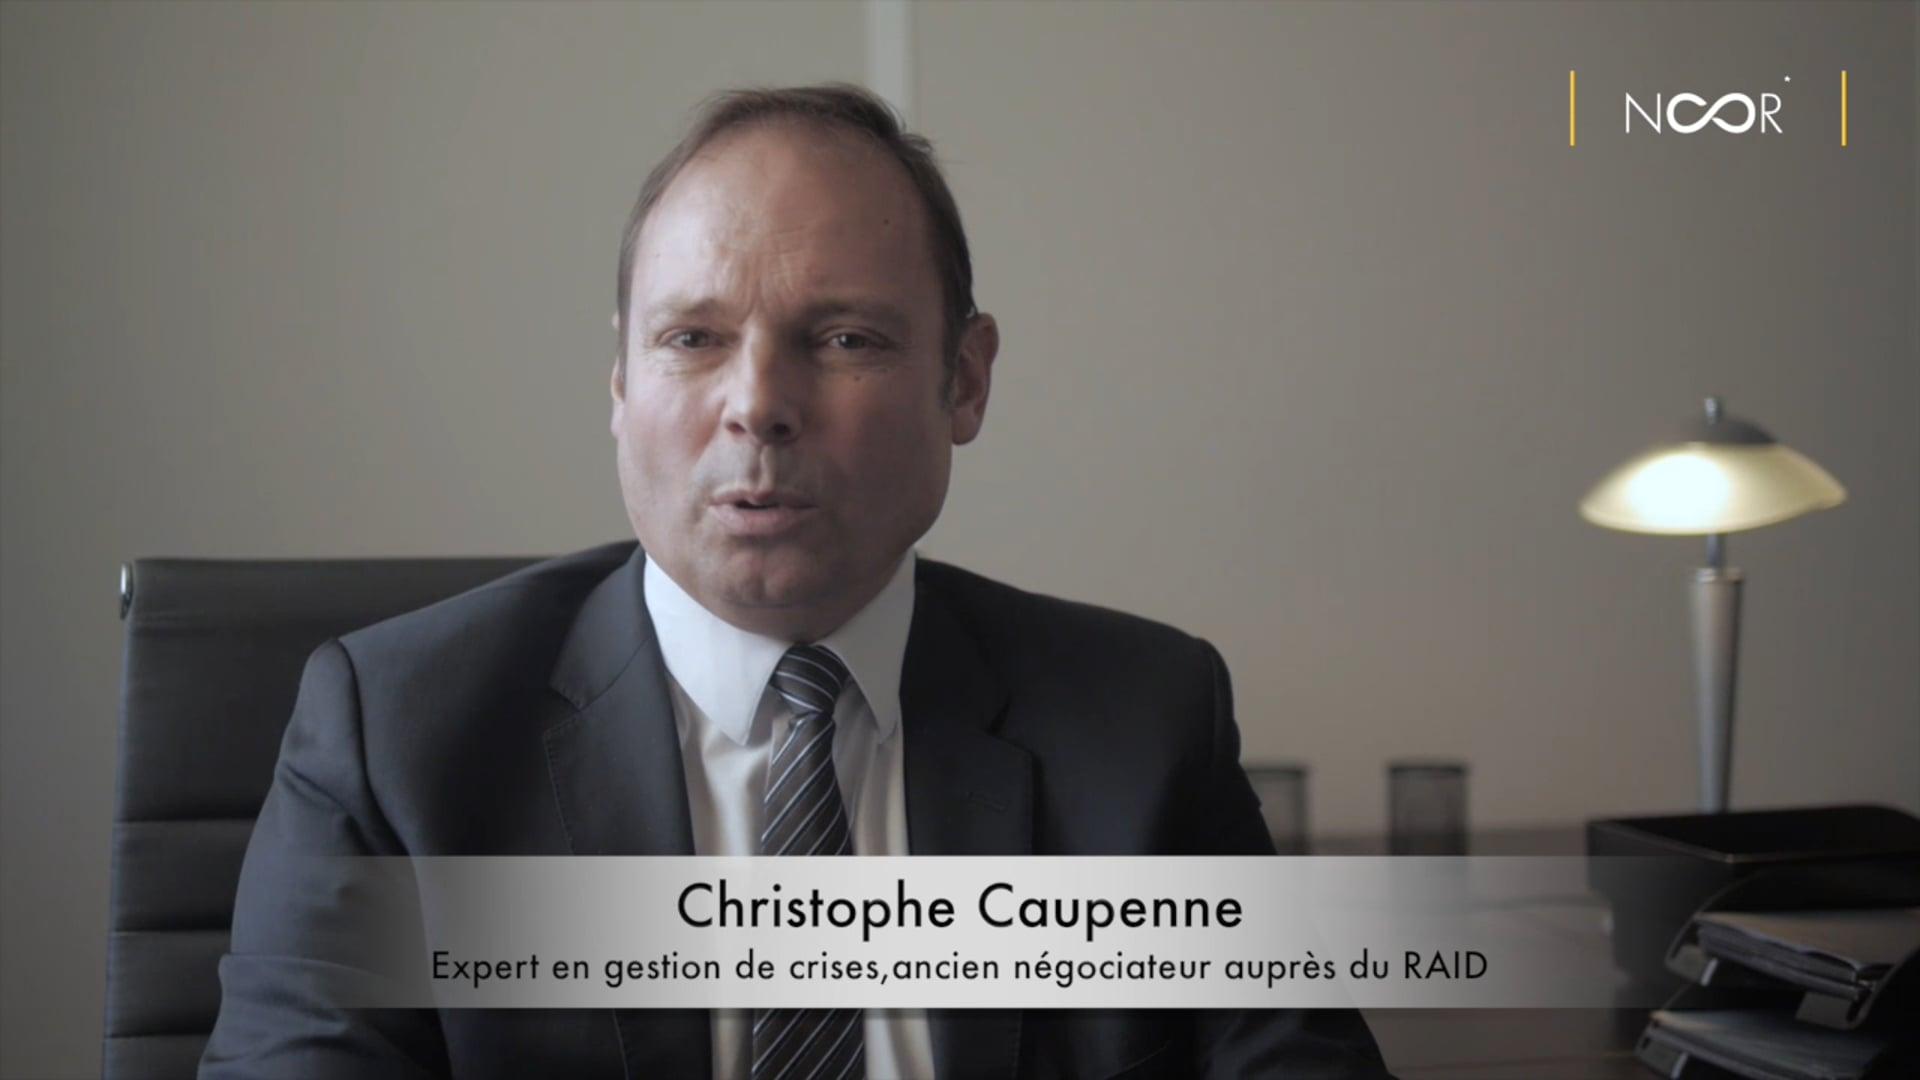 Comment gérer l'agressivité? par Christophe Caupenne